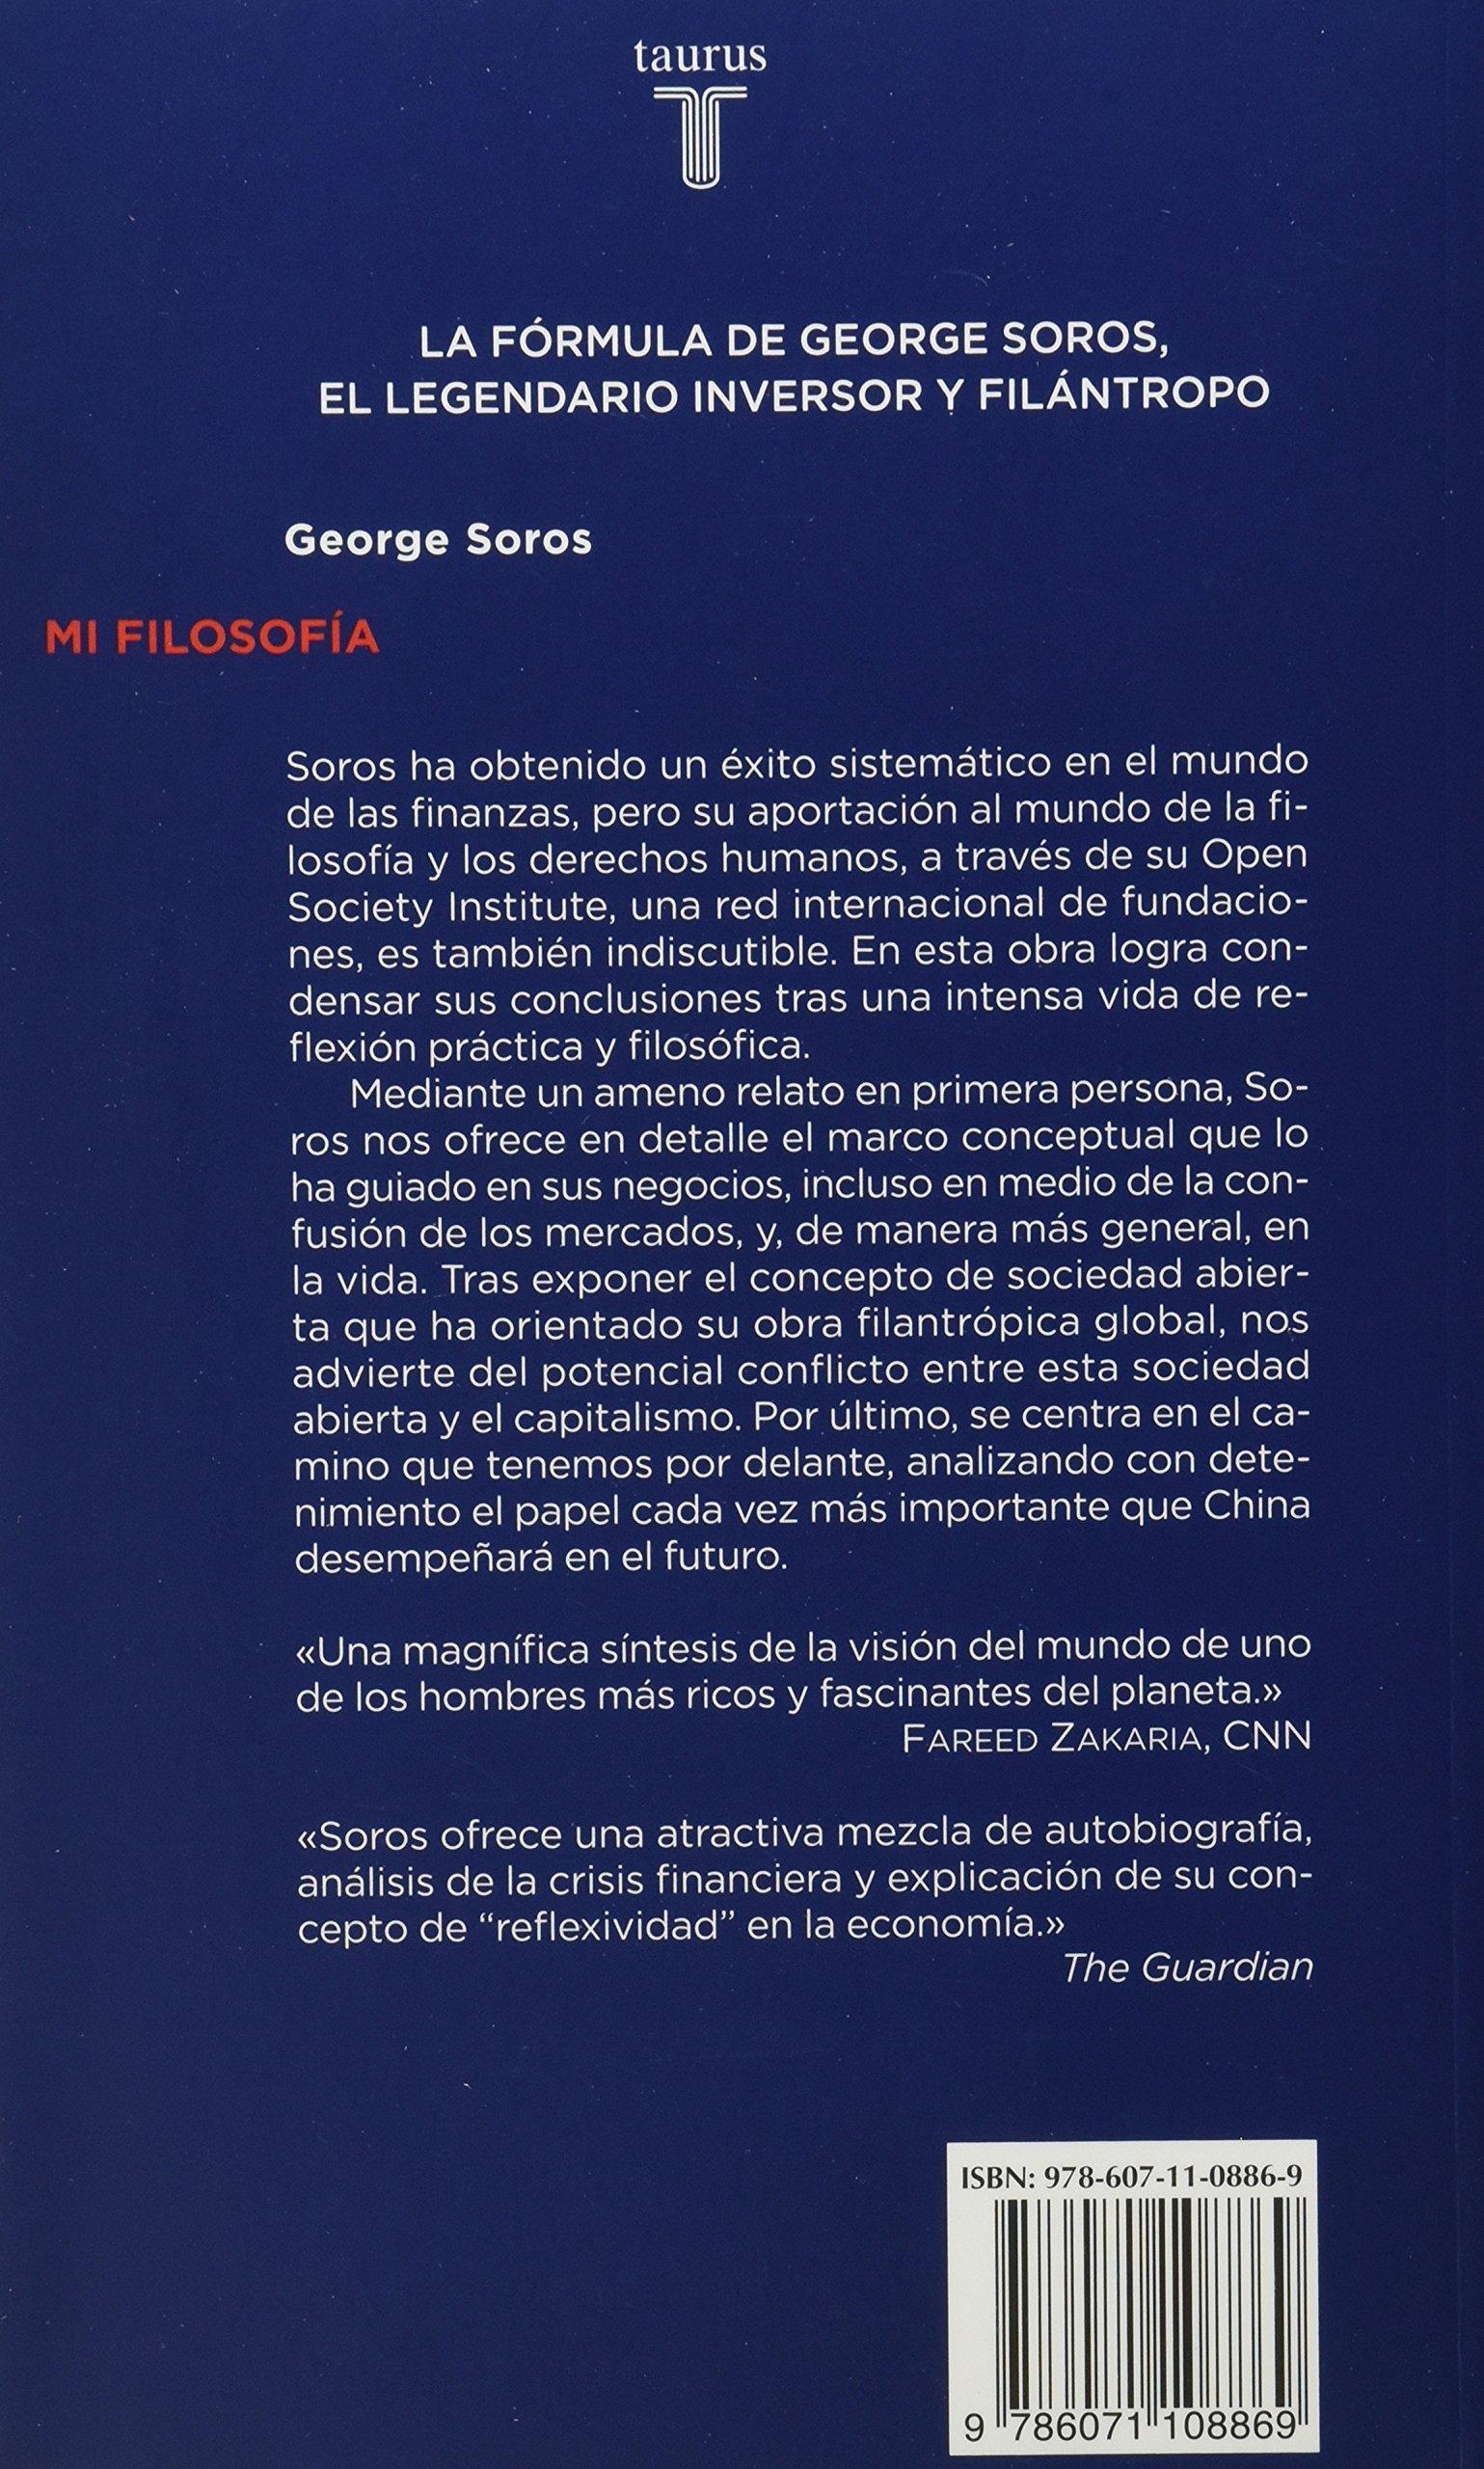 Mi filosofia: Amazon.es: Soros, George, Pradera, Alejandro: Libros